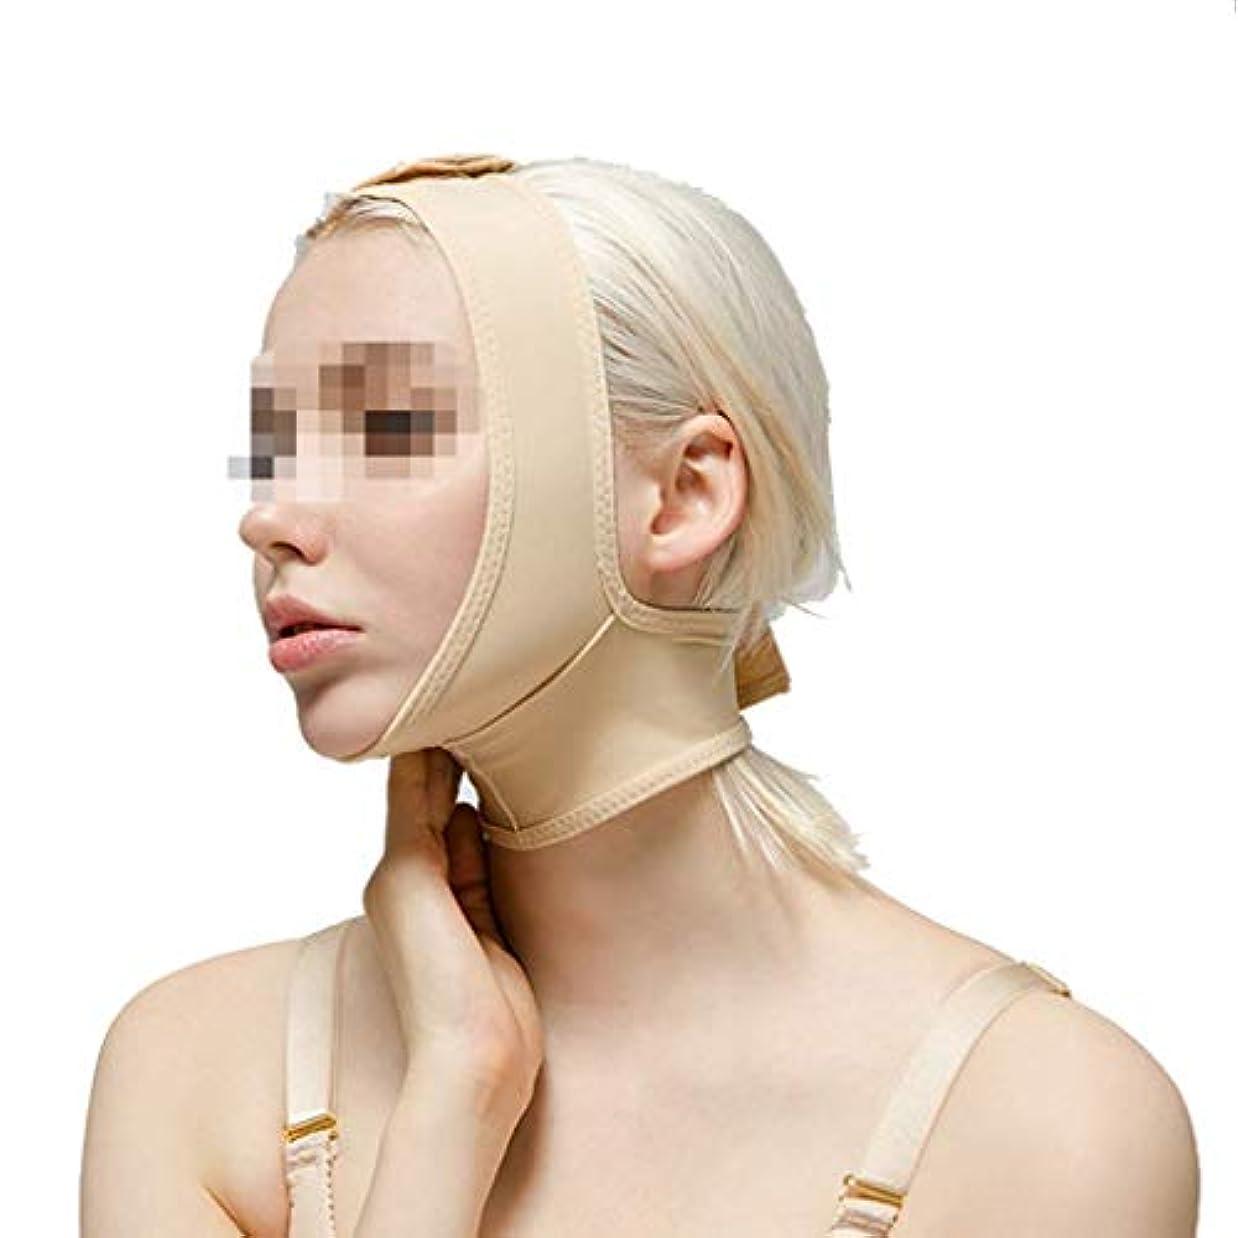 酒高潔なパイル術後弾性スリーブ、下顎バンドルフェイスバンデージフェイシャルビームダブルチンシンフェイスマスクマルチサイズオプション(サイズ:M)